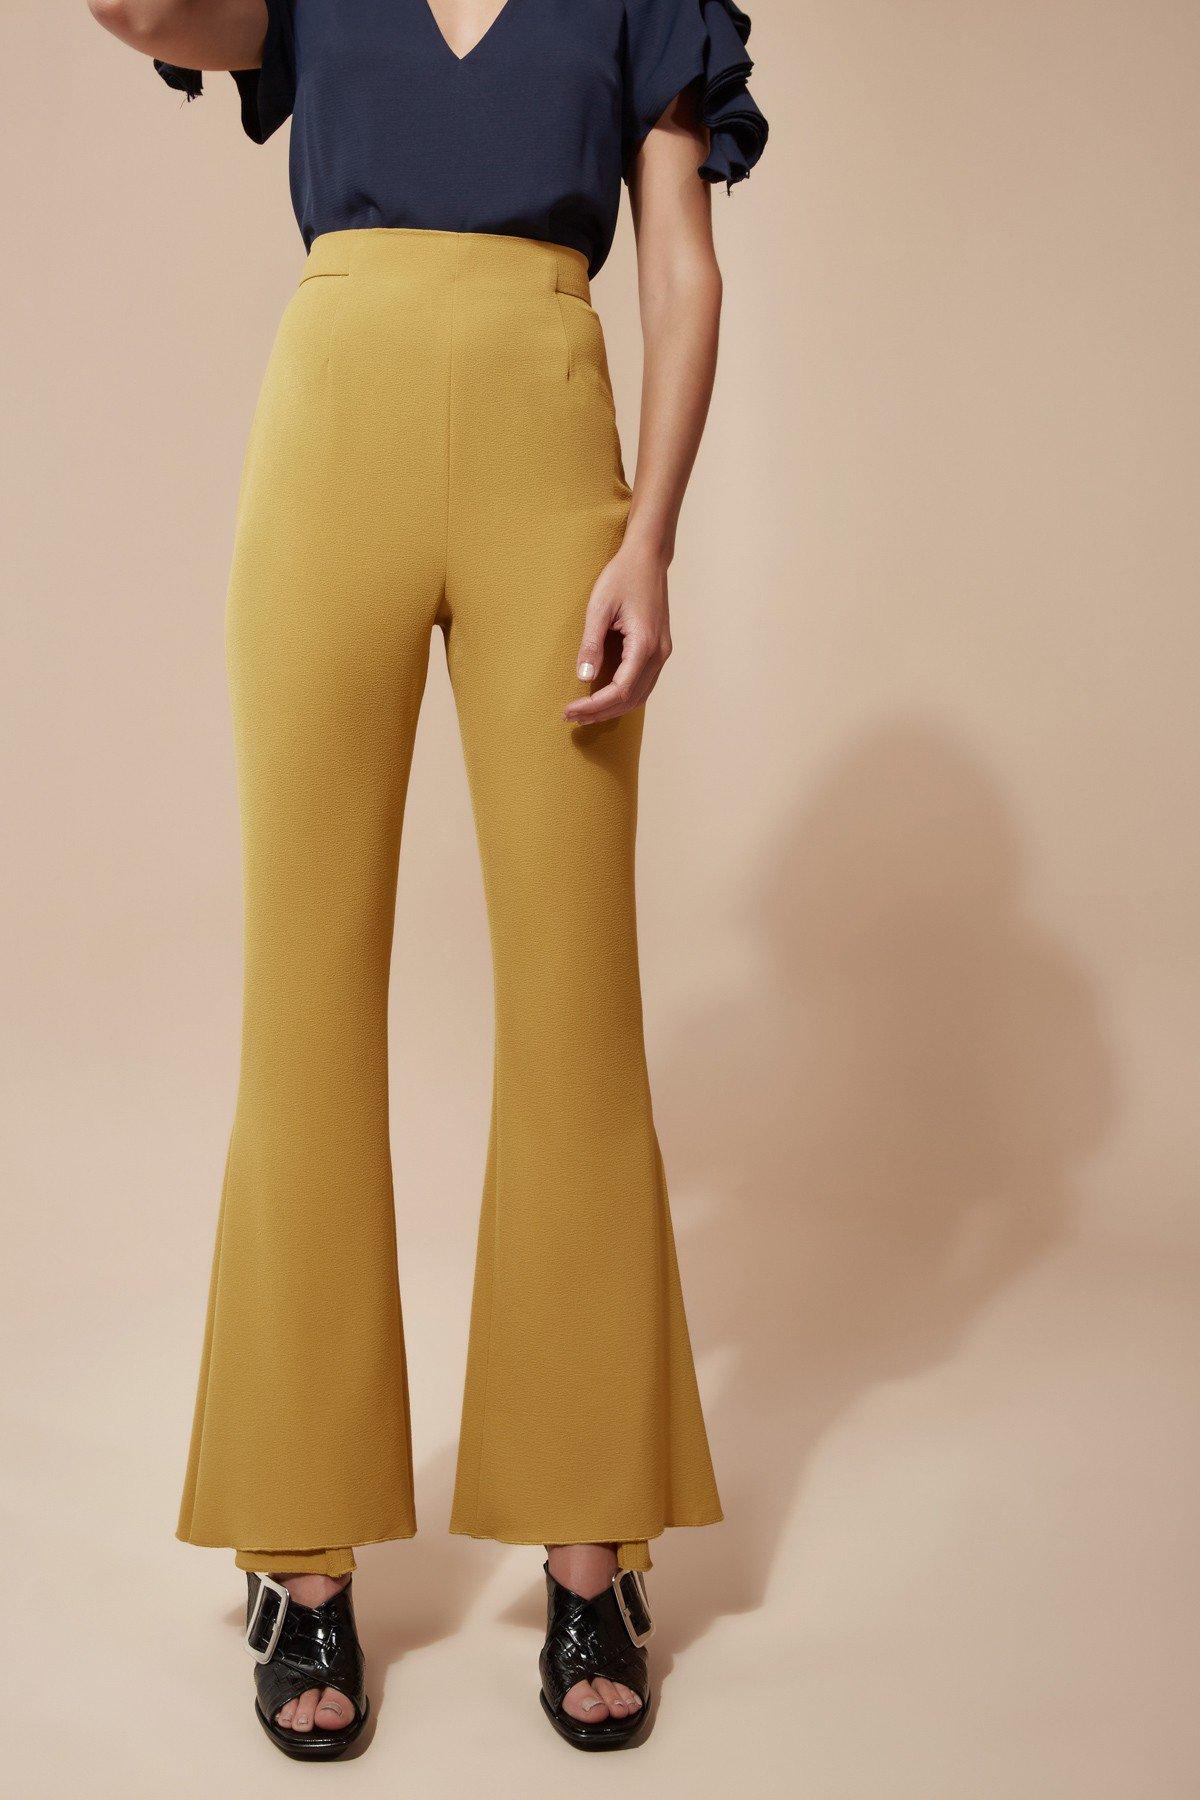 Shop C/MEO Fusion Pant.